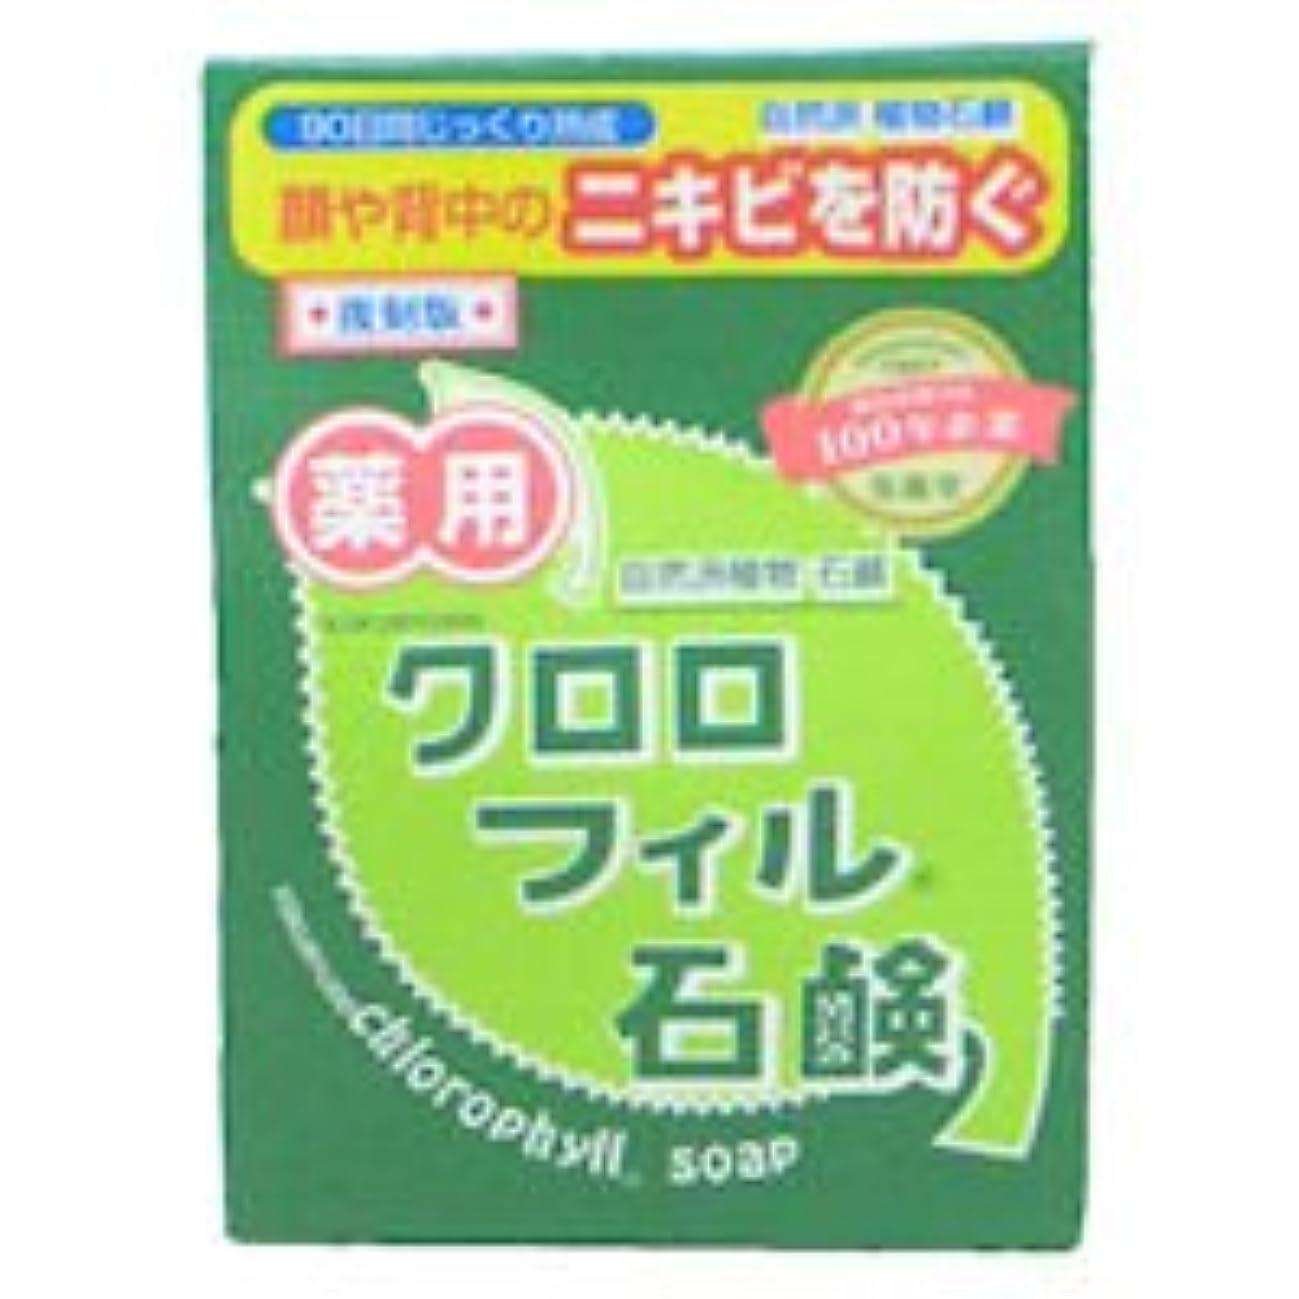 うるさいありがたいどこ【黒龍堂】薬用 クロロフィル石鹸 85g